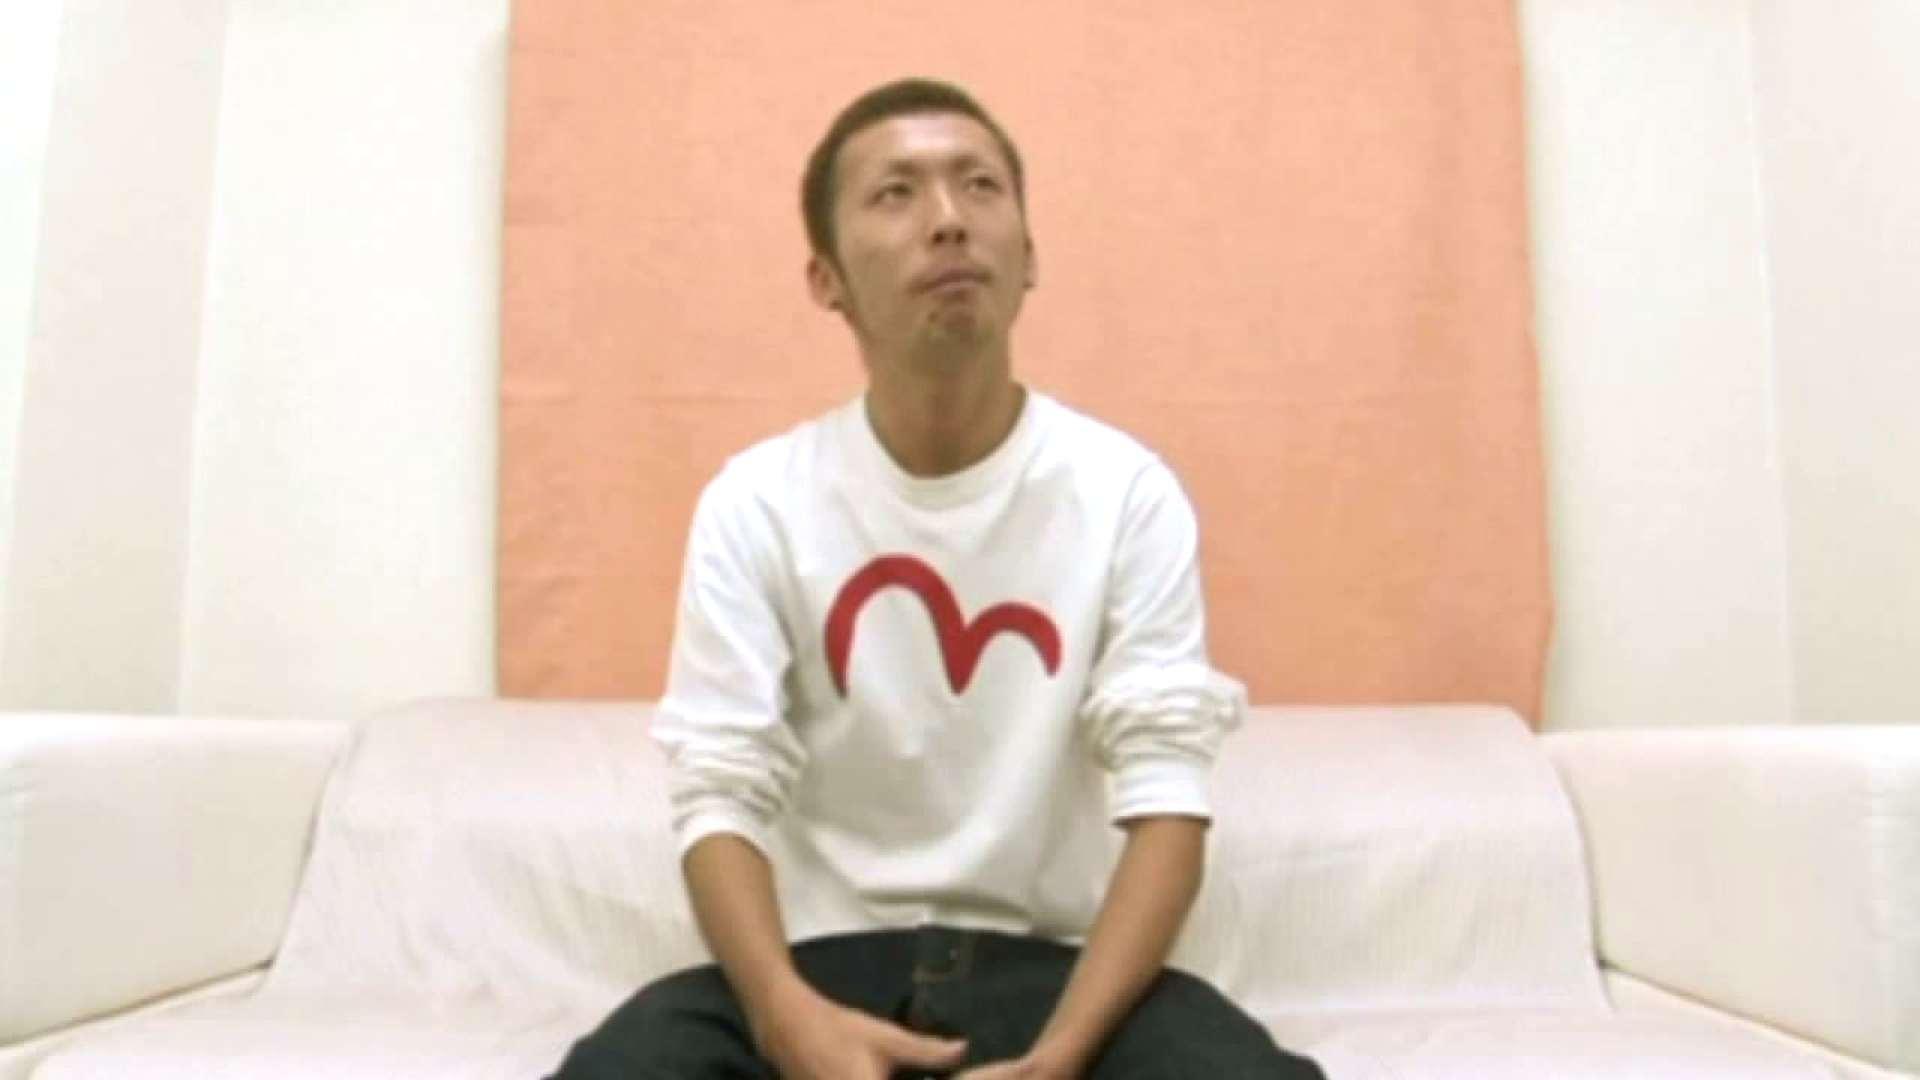 ノンケ!自慰スタジオ No.11 シコシコ   素人  59画像 1